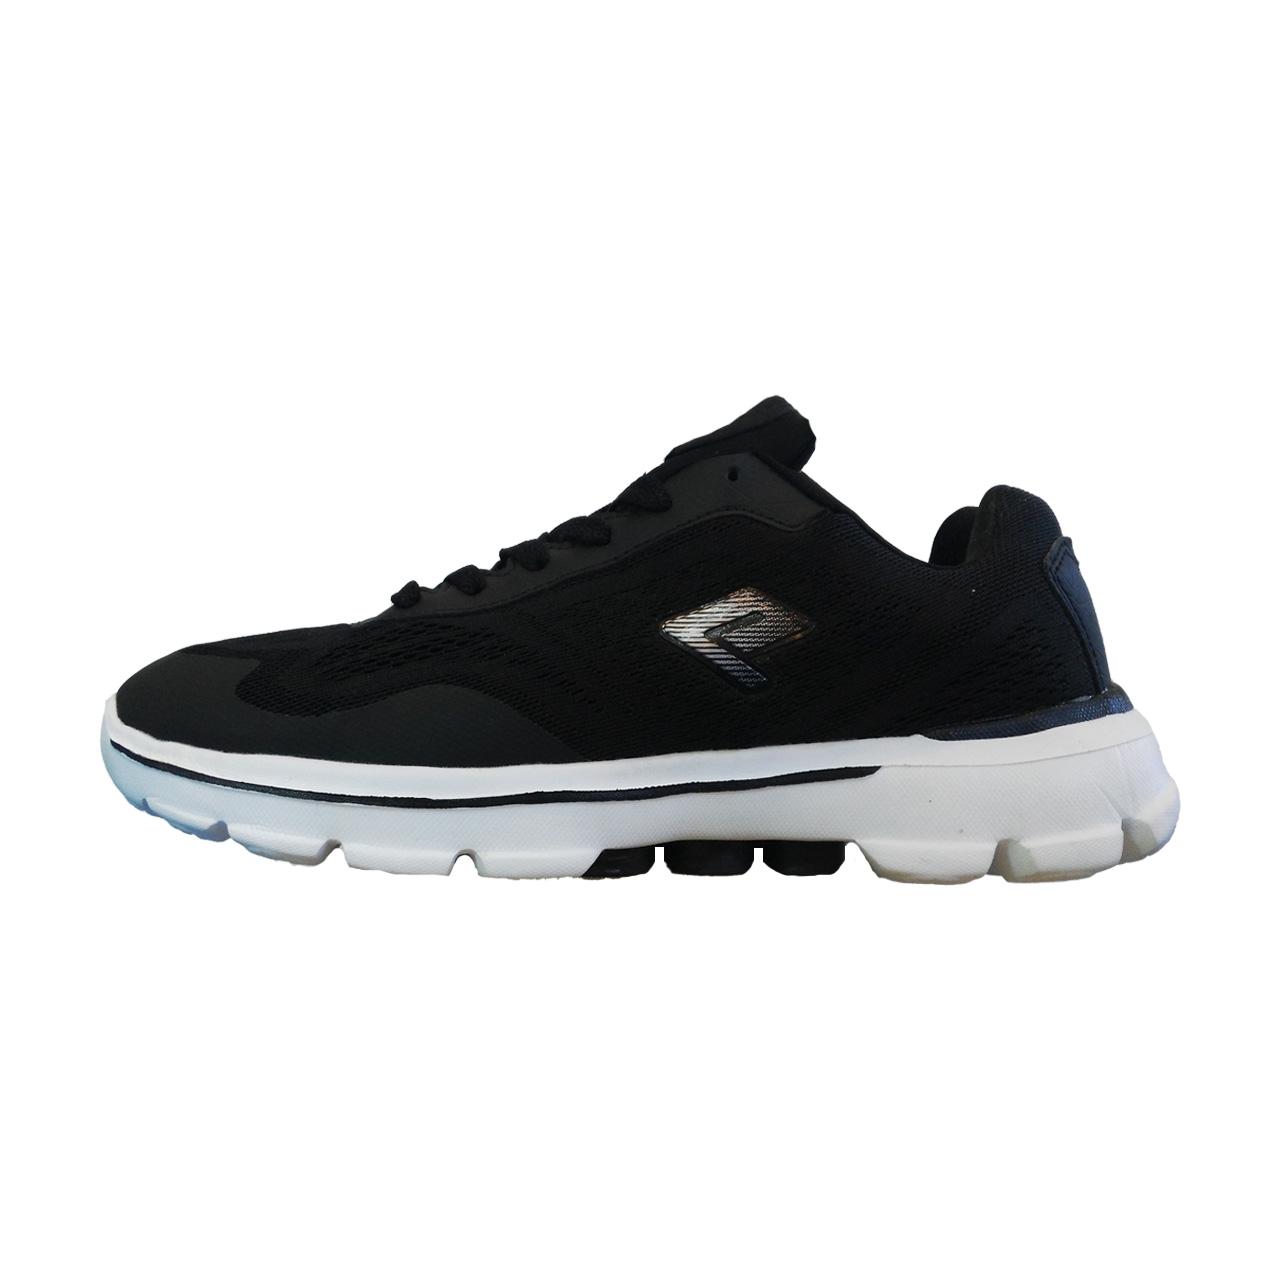 قیمت کفش مخصوص پیاده روی و دویدن مردانه کیلو مدل RUN WALK 4